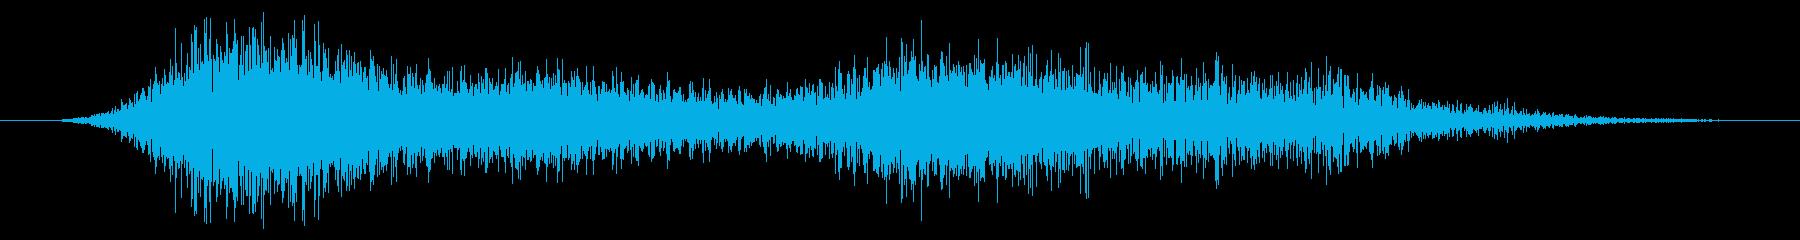 怖い悪魔の音の再生済みの波形